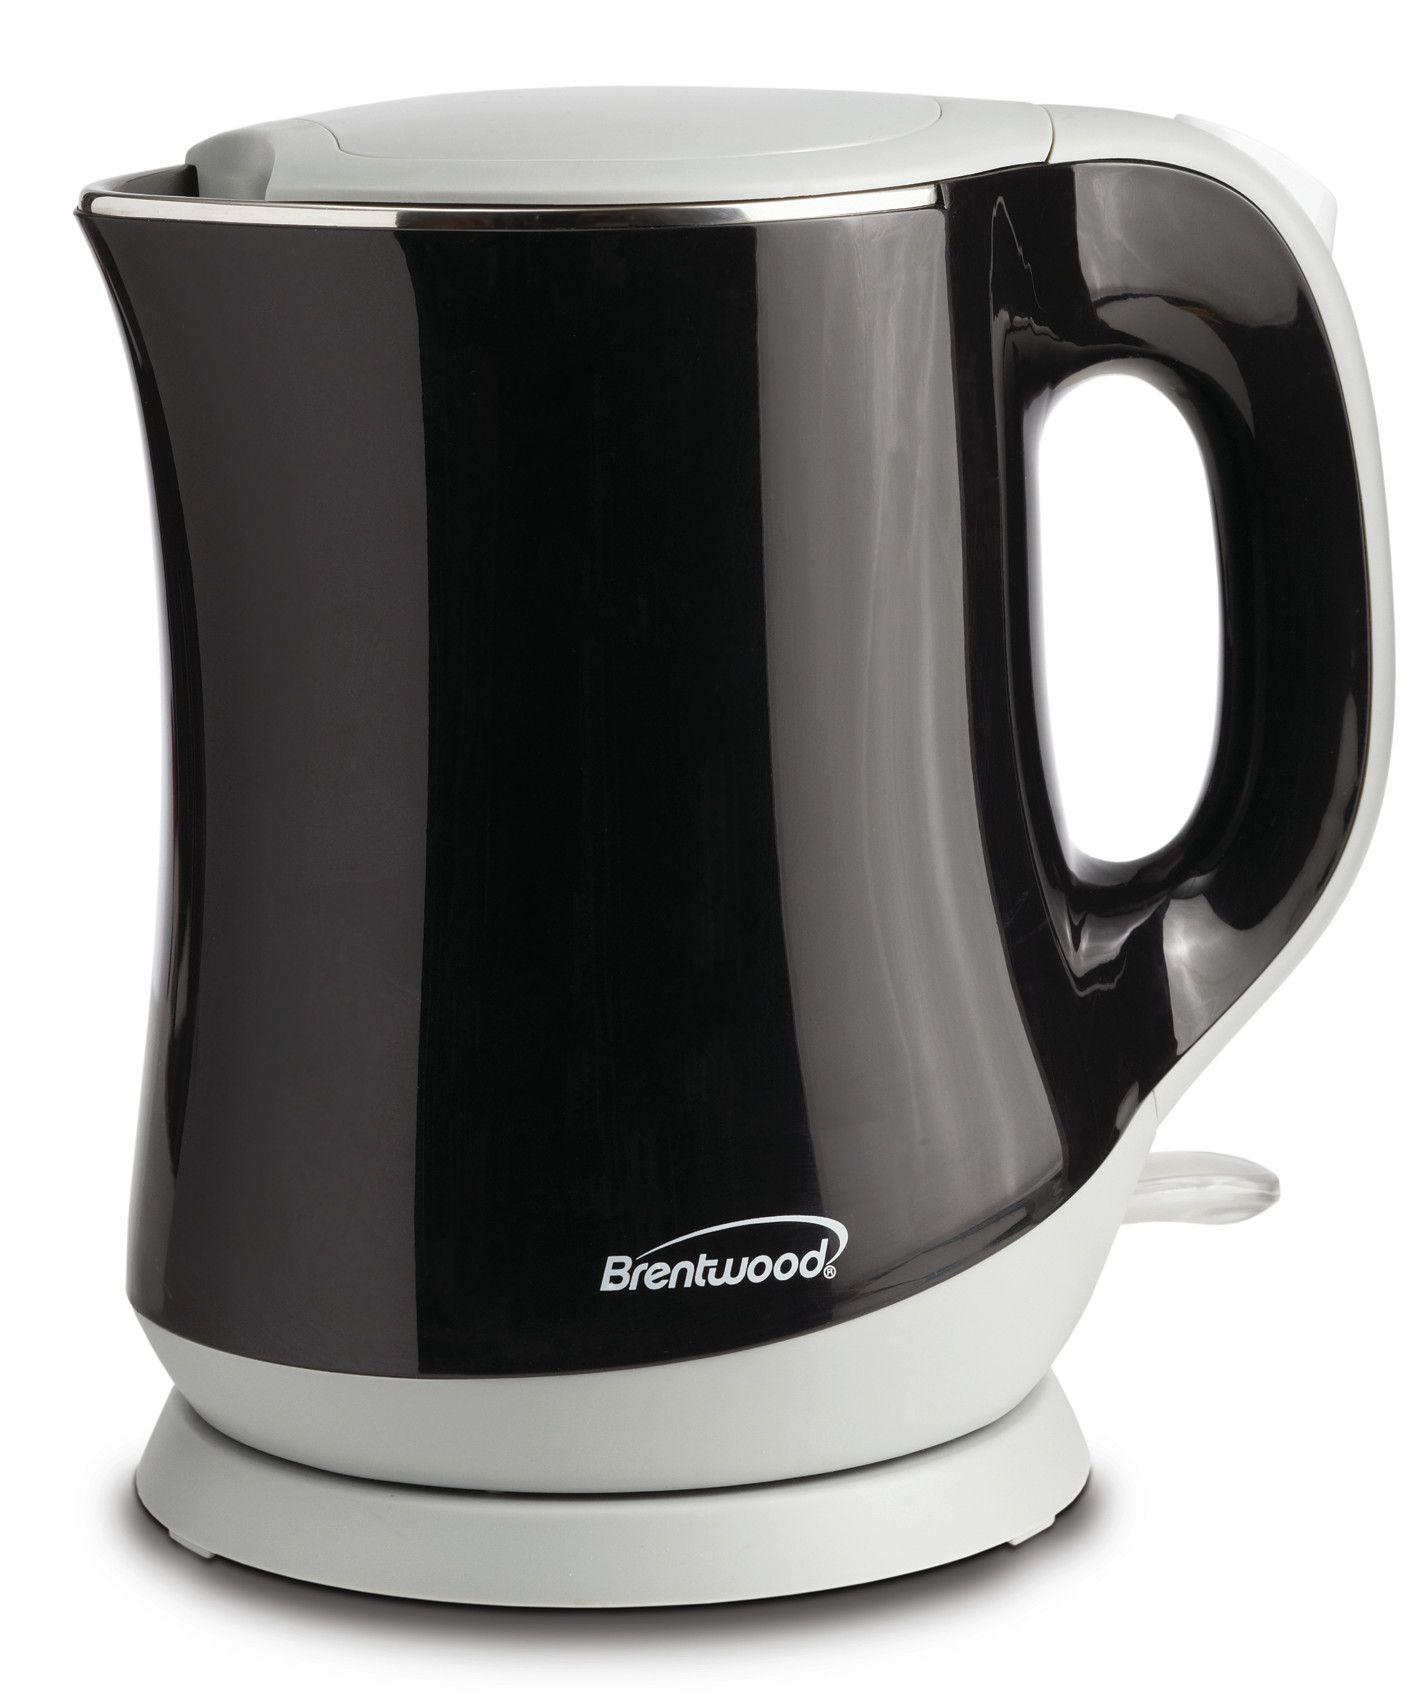 Porsche Design Kitchen Appliances: Stainless Steel Auto Shut Off Tea Kettle